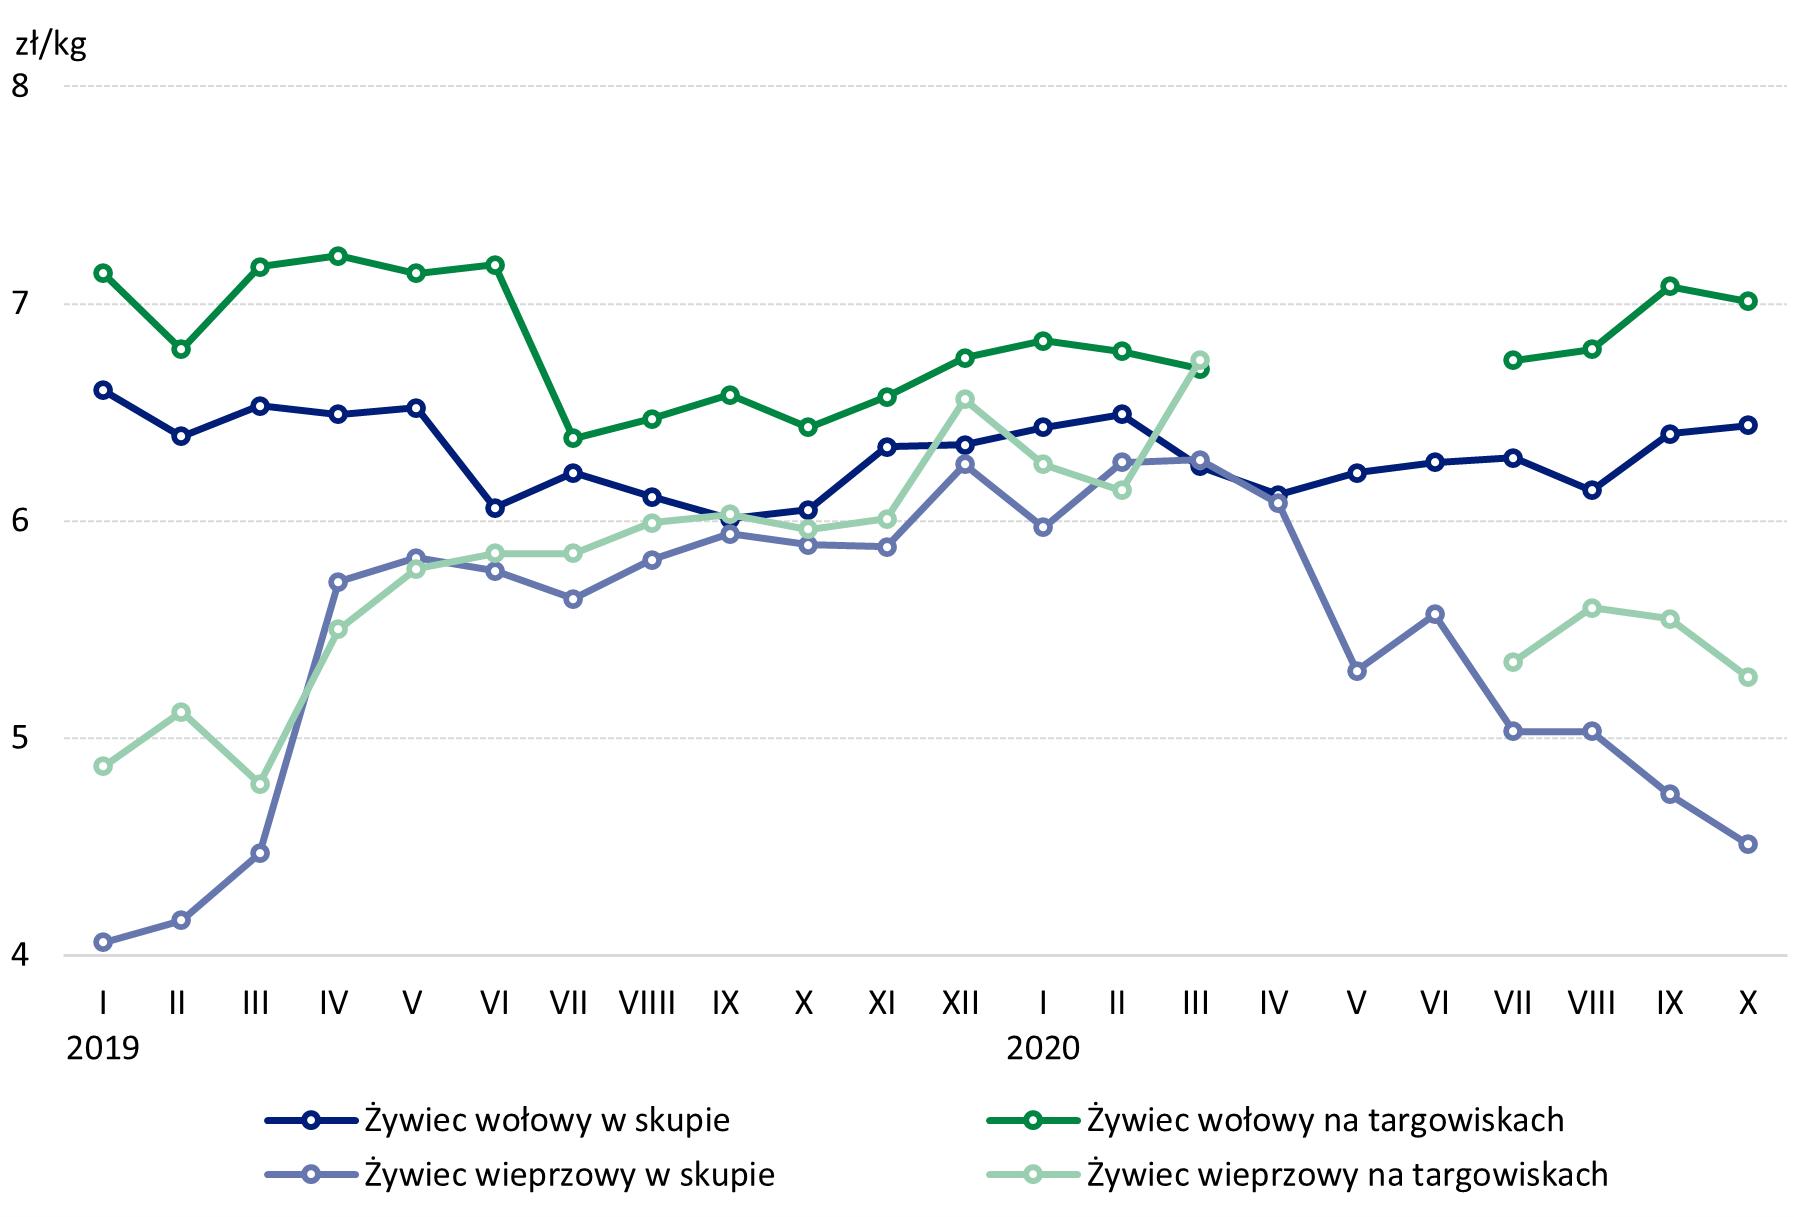 Zmiany cen żywca wołowego i wieprzowego - do września 2020